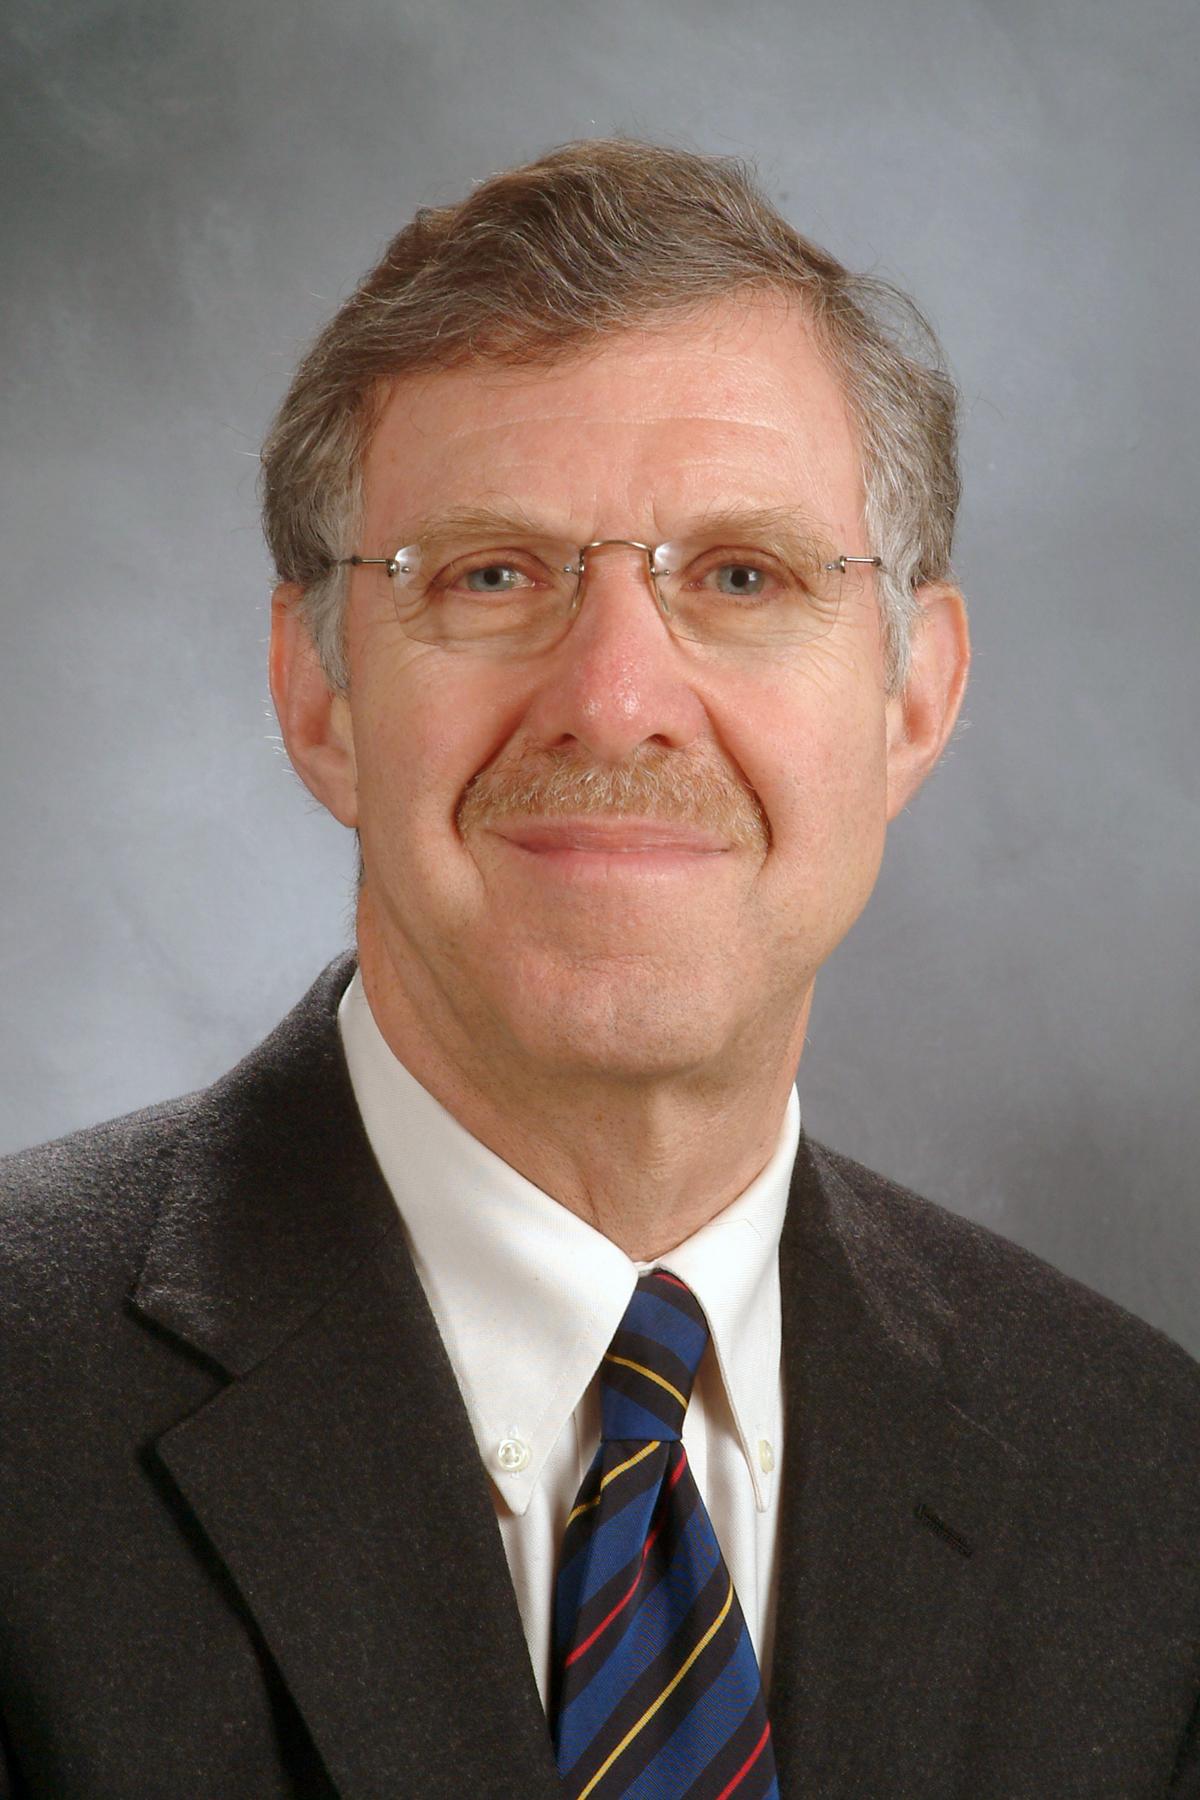 Dr. Alvin I. Mushlin